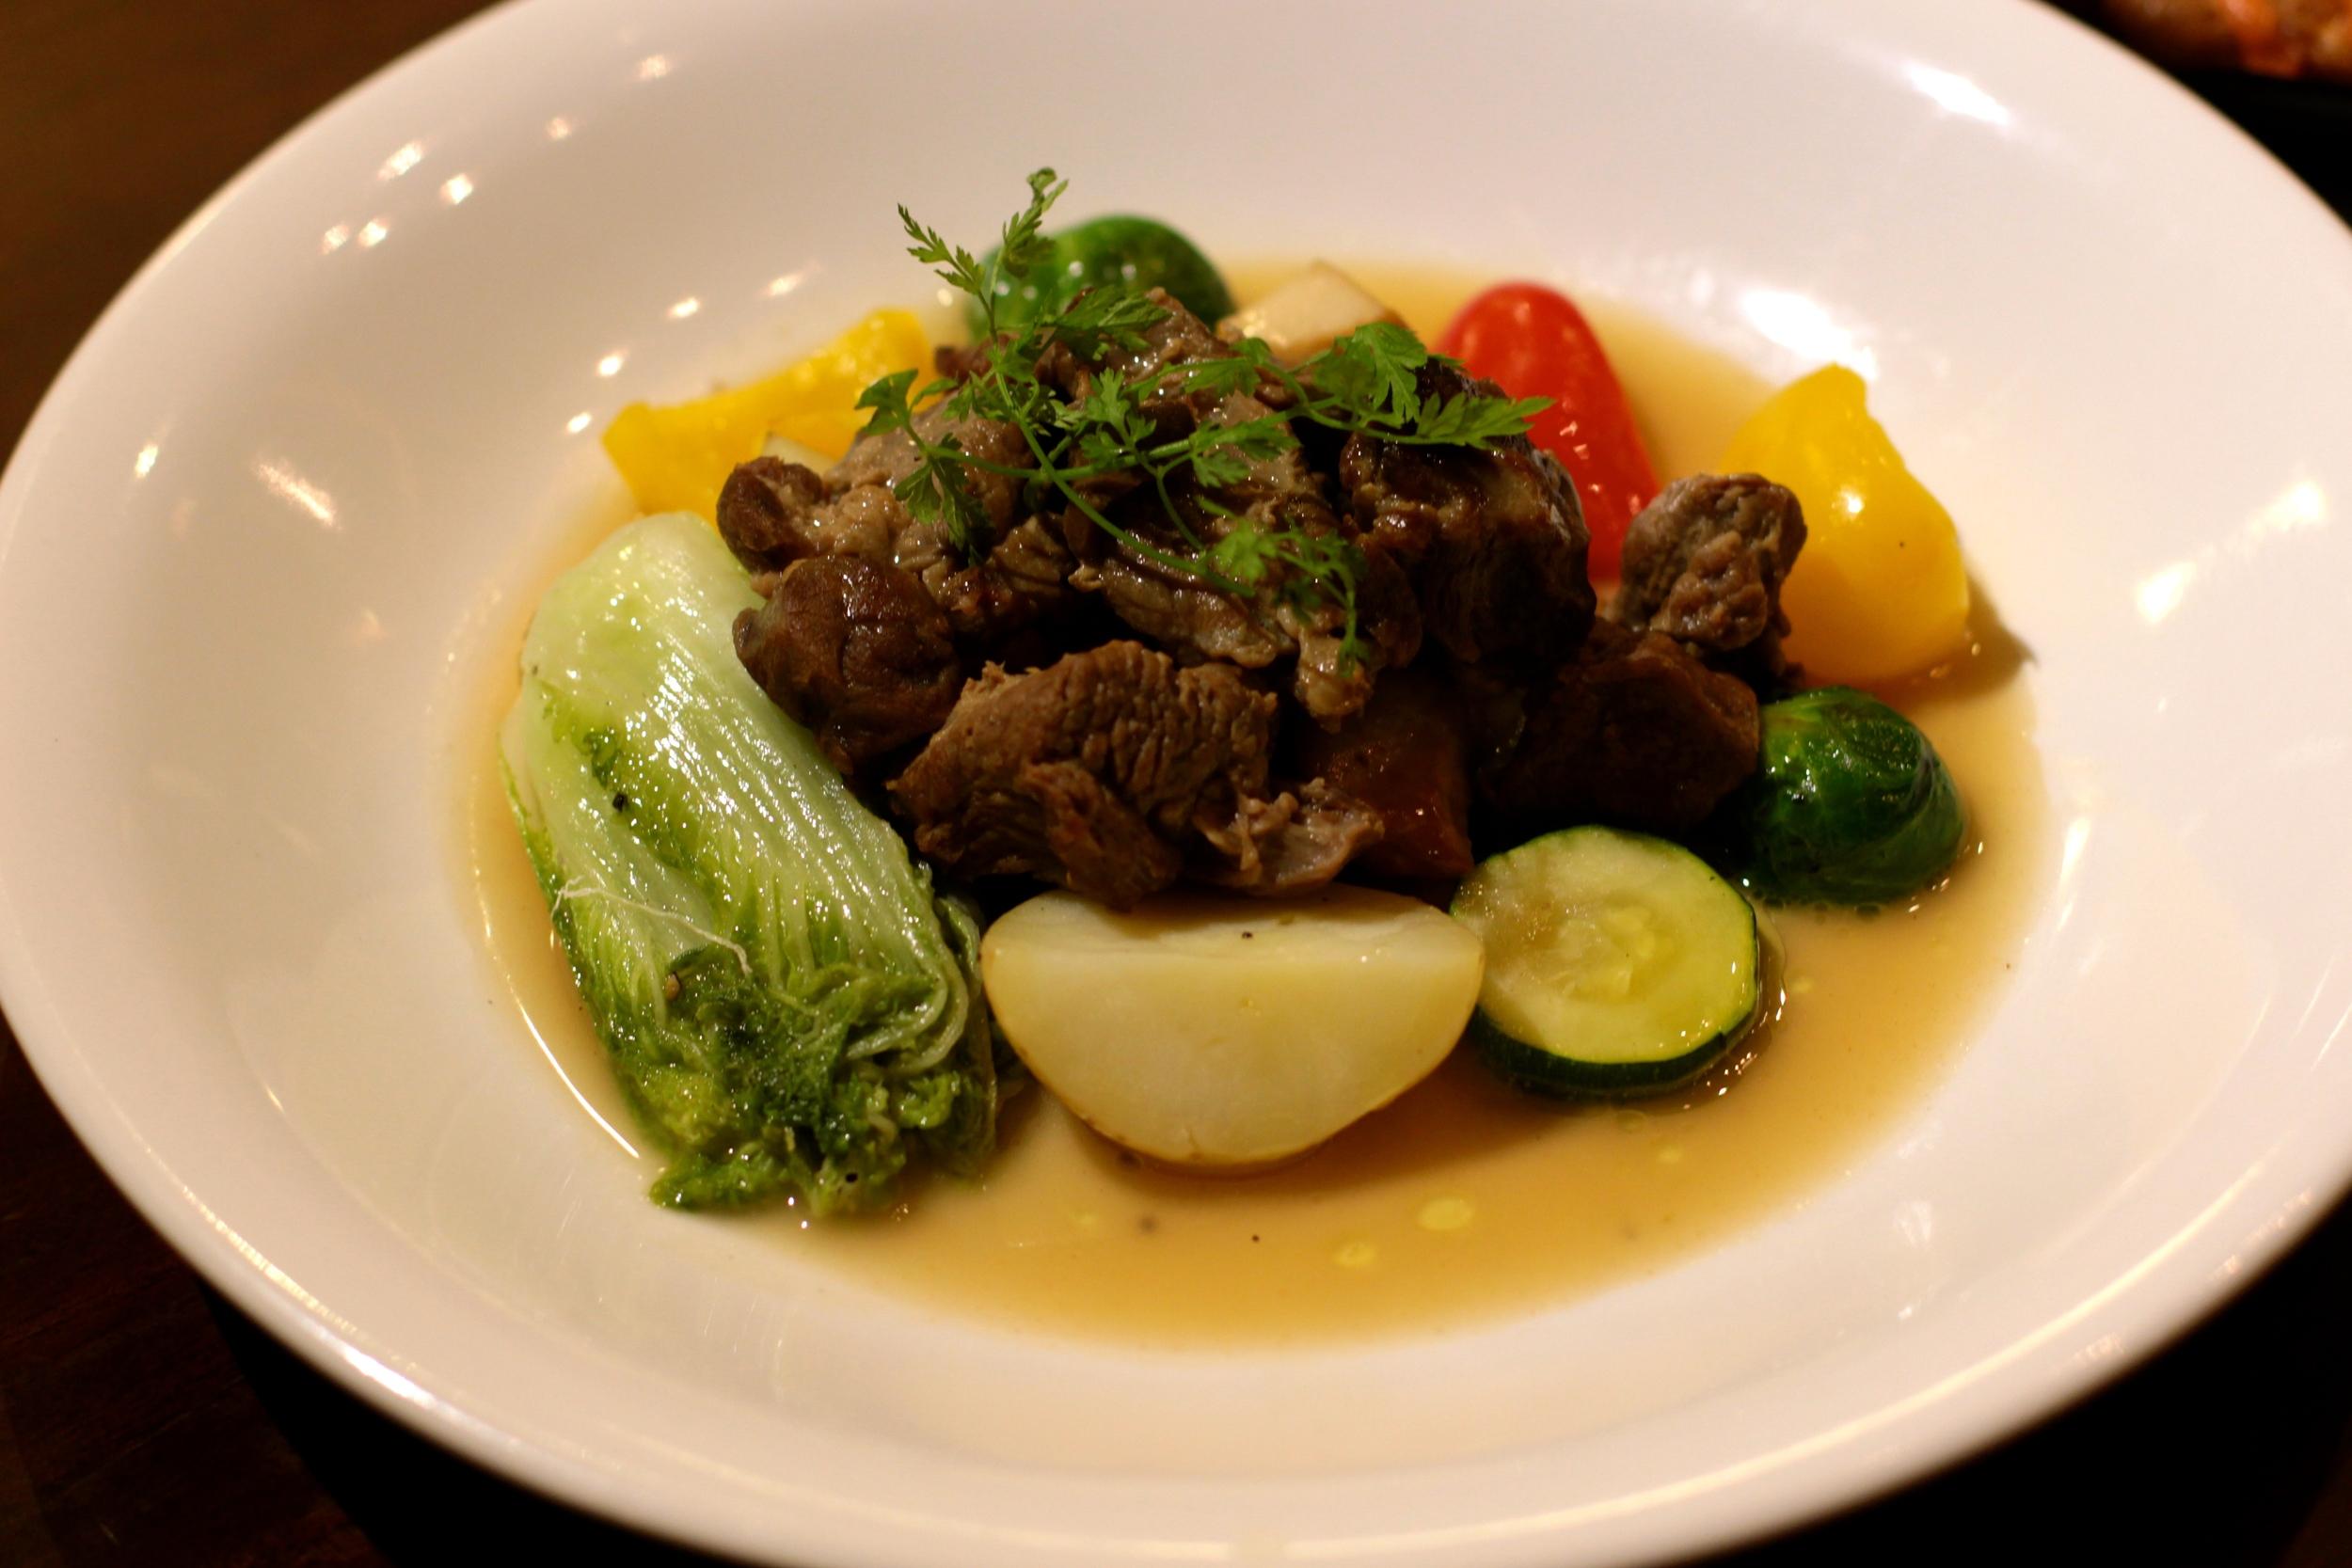 時蔬燉羊肉 Vegetable with Lamb Stew